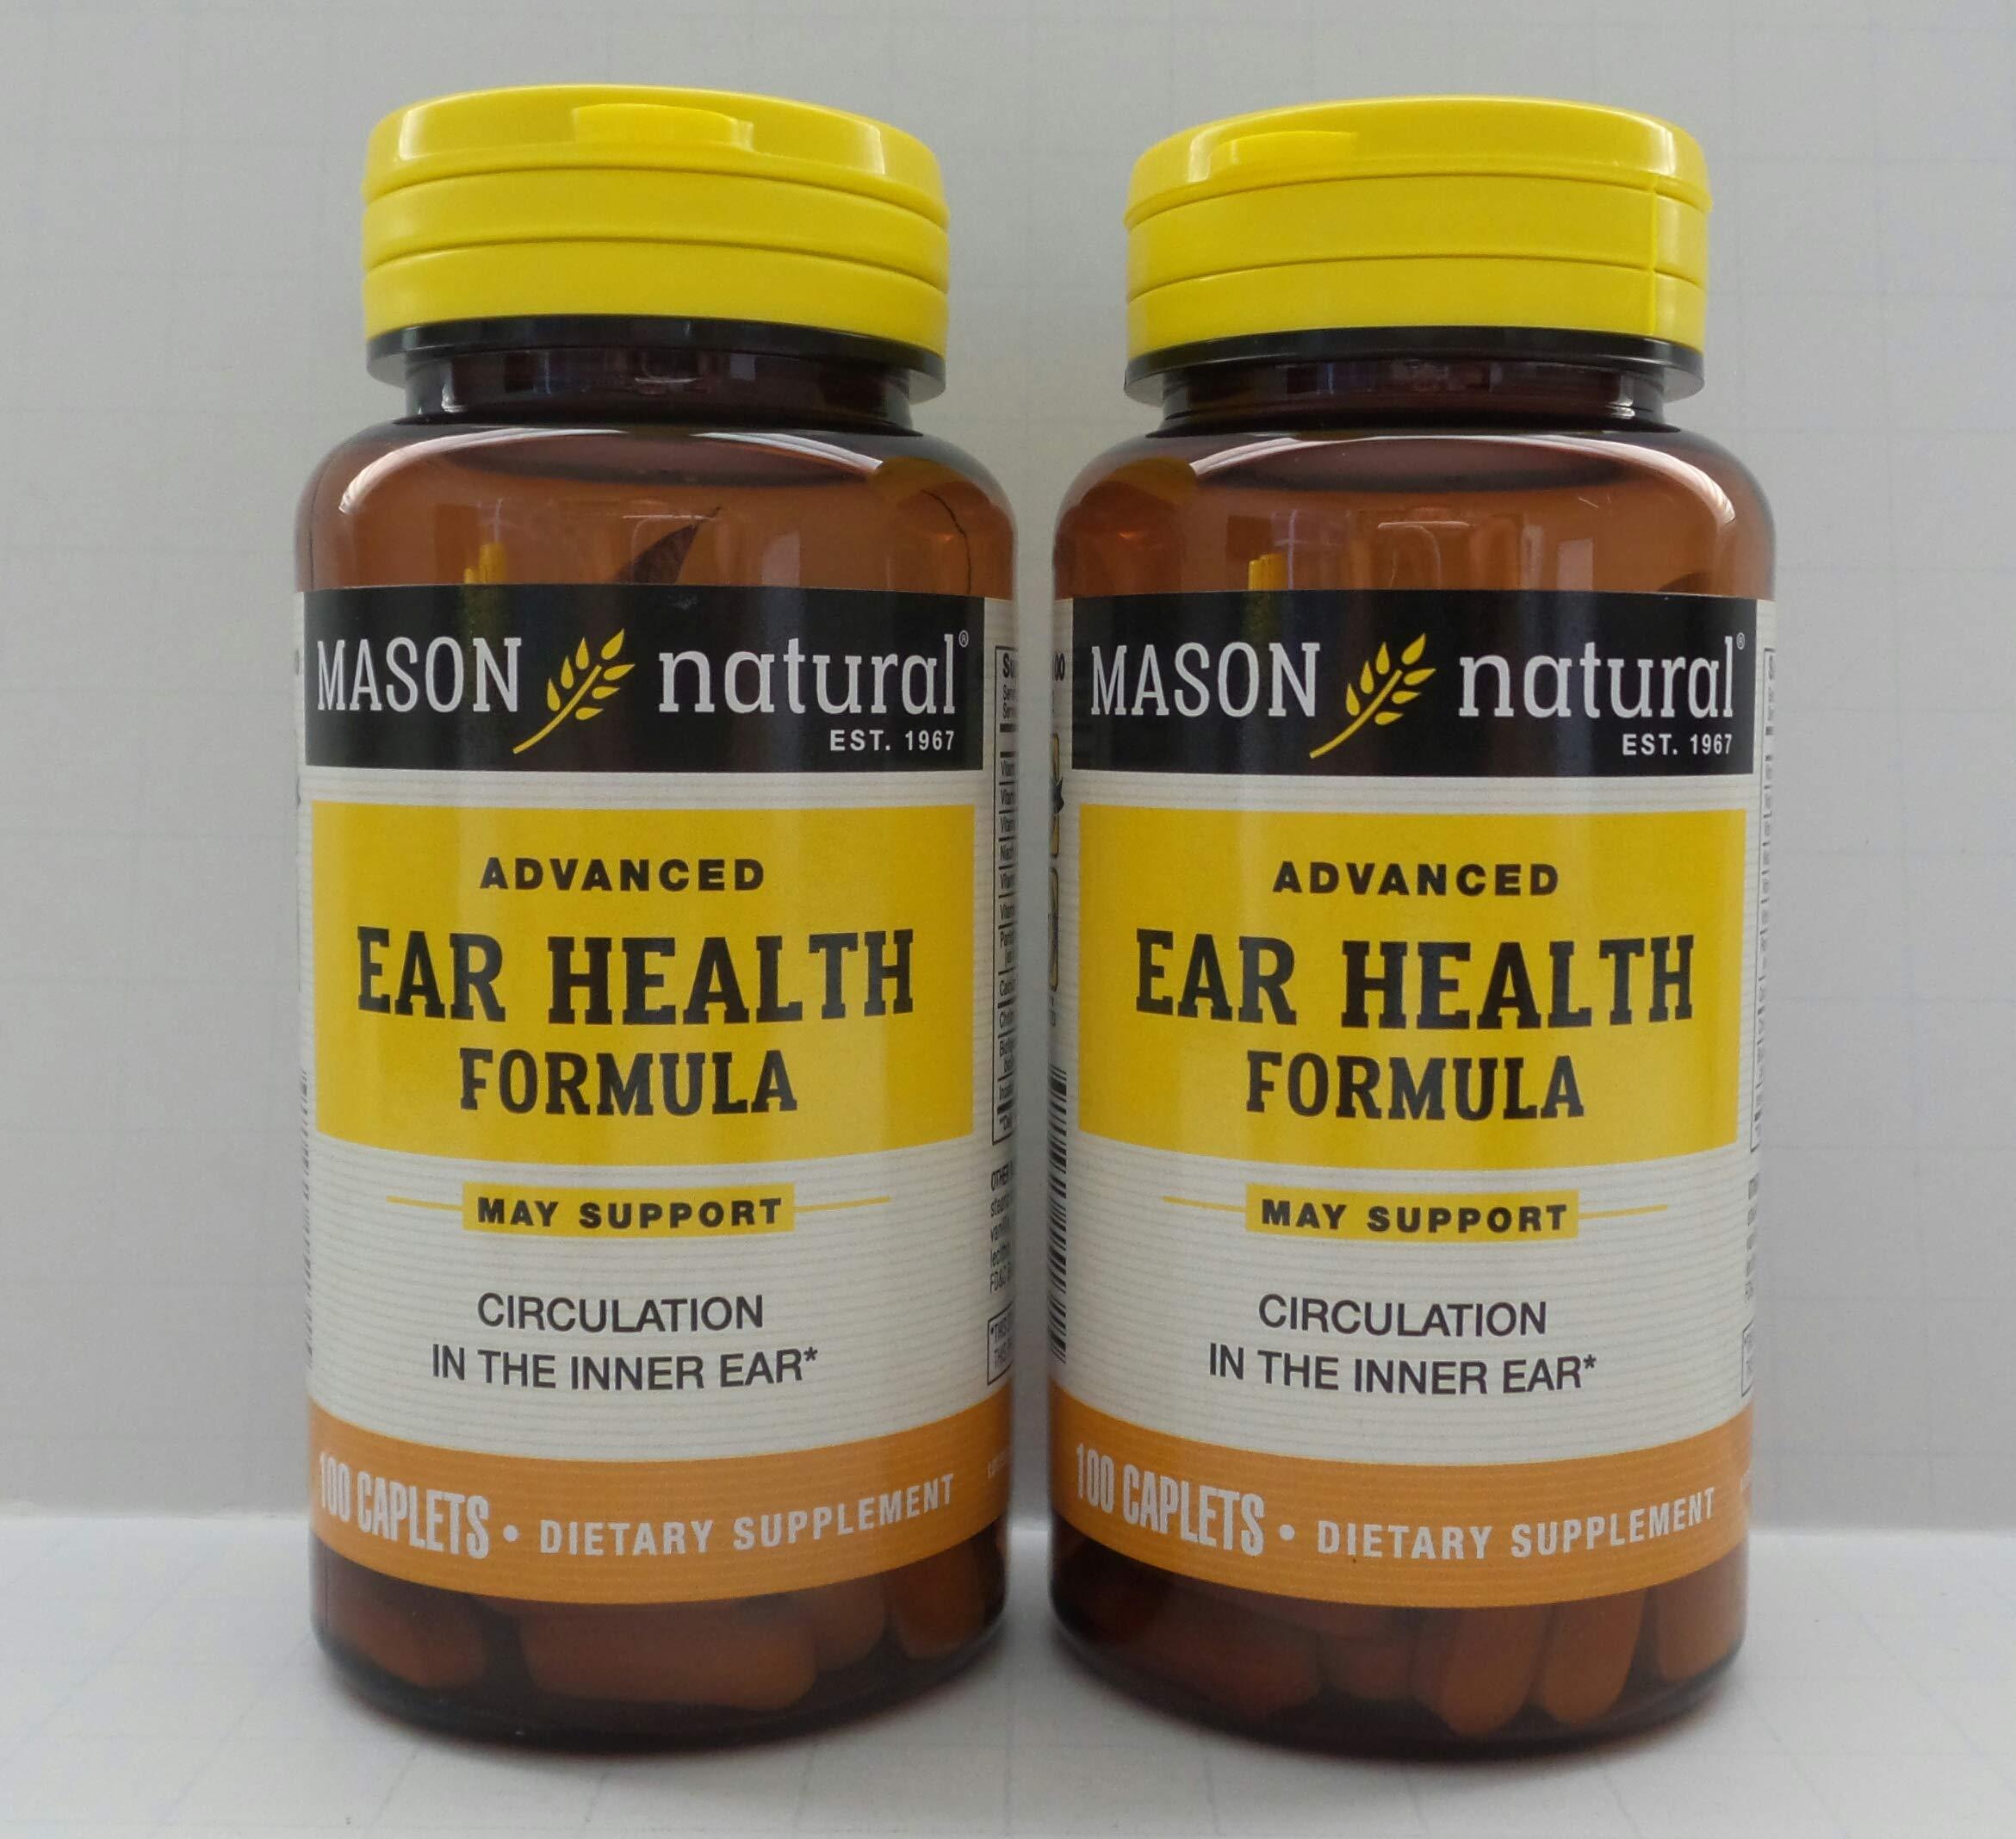 Mason Natural Advance Ear Health Formula Bioflavonoids Plus 100 Caplets per Bottle Pack of 2 Total 200 Caplets